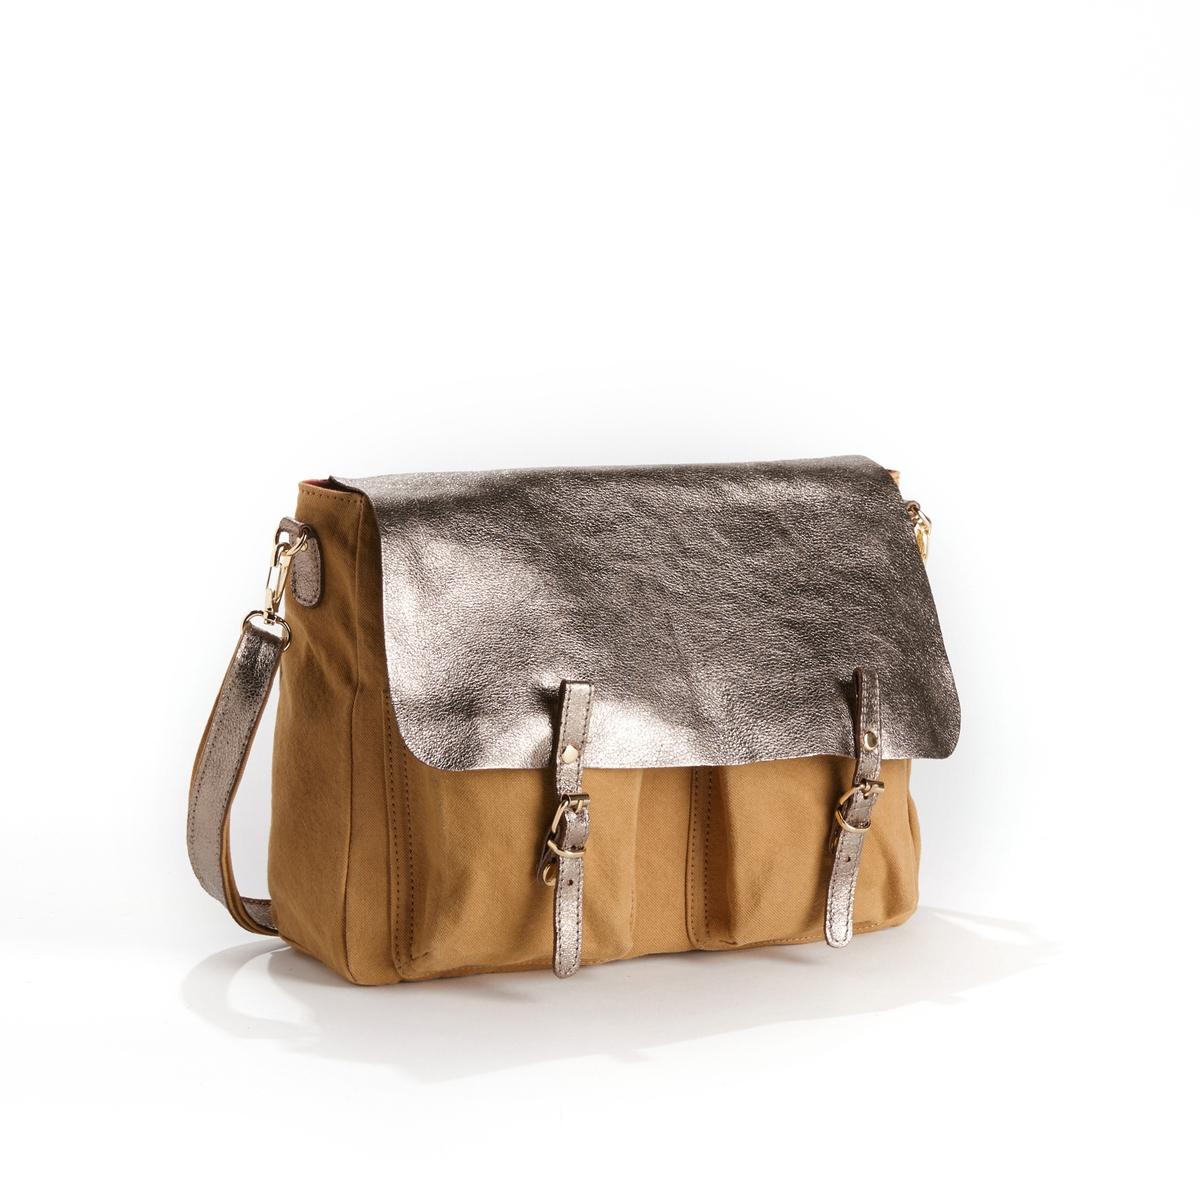 Сумка двусторонняя из кожи и ткани MAXI MATHSДвусторонняя сумка CRAIE  - модель MAXI MATHS CUIR TOILE с модулируемыми деталями из блестящей и лицевой кожи и ткани.Детали  •  Двусторонняя и модулируемая при помощи кнопок сумка-портфель •  Можно носить в руке, на плече или как рюкзак благодаря съемной ручке, плечевому ремню и кольцу •  Застежка на 2 кнопки со взаимозаменяемыми пряжками •  Карманы с клапанами •  2 небольших кармана с изнаночной стороны •  Размеры 35 x 27 x 10 см: большая модельСостав и уход    •  Овечья кожа •  Подкладка из хлопковой ткани  •  Следуйте советам по уходу, указанным на этикетке<br><br>Цвет: темно-бежевый